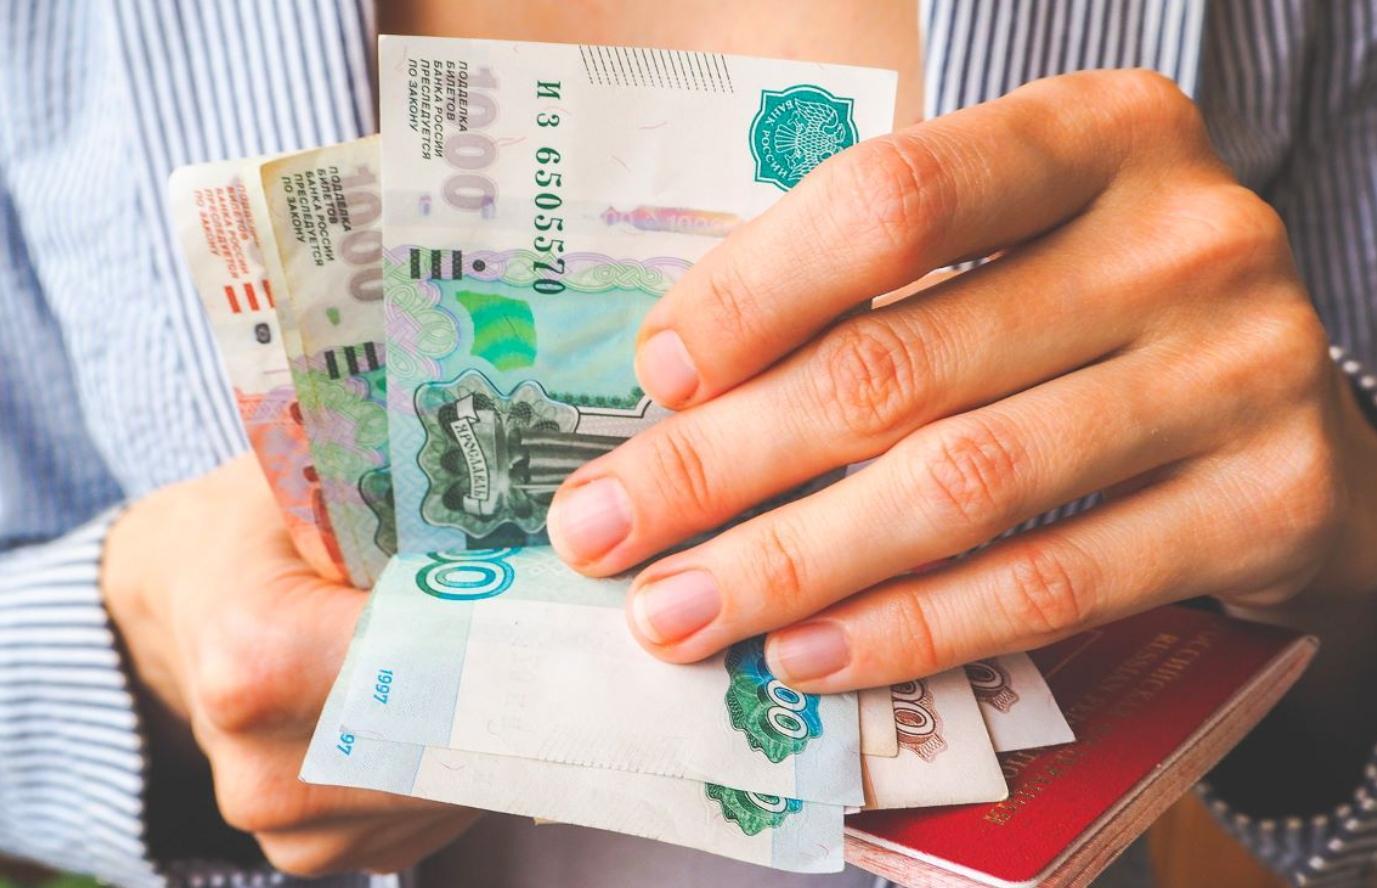 Проверьте личный пенсионный кабинет: кому положена выплата - новости Афанасий